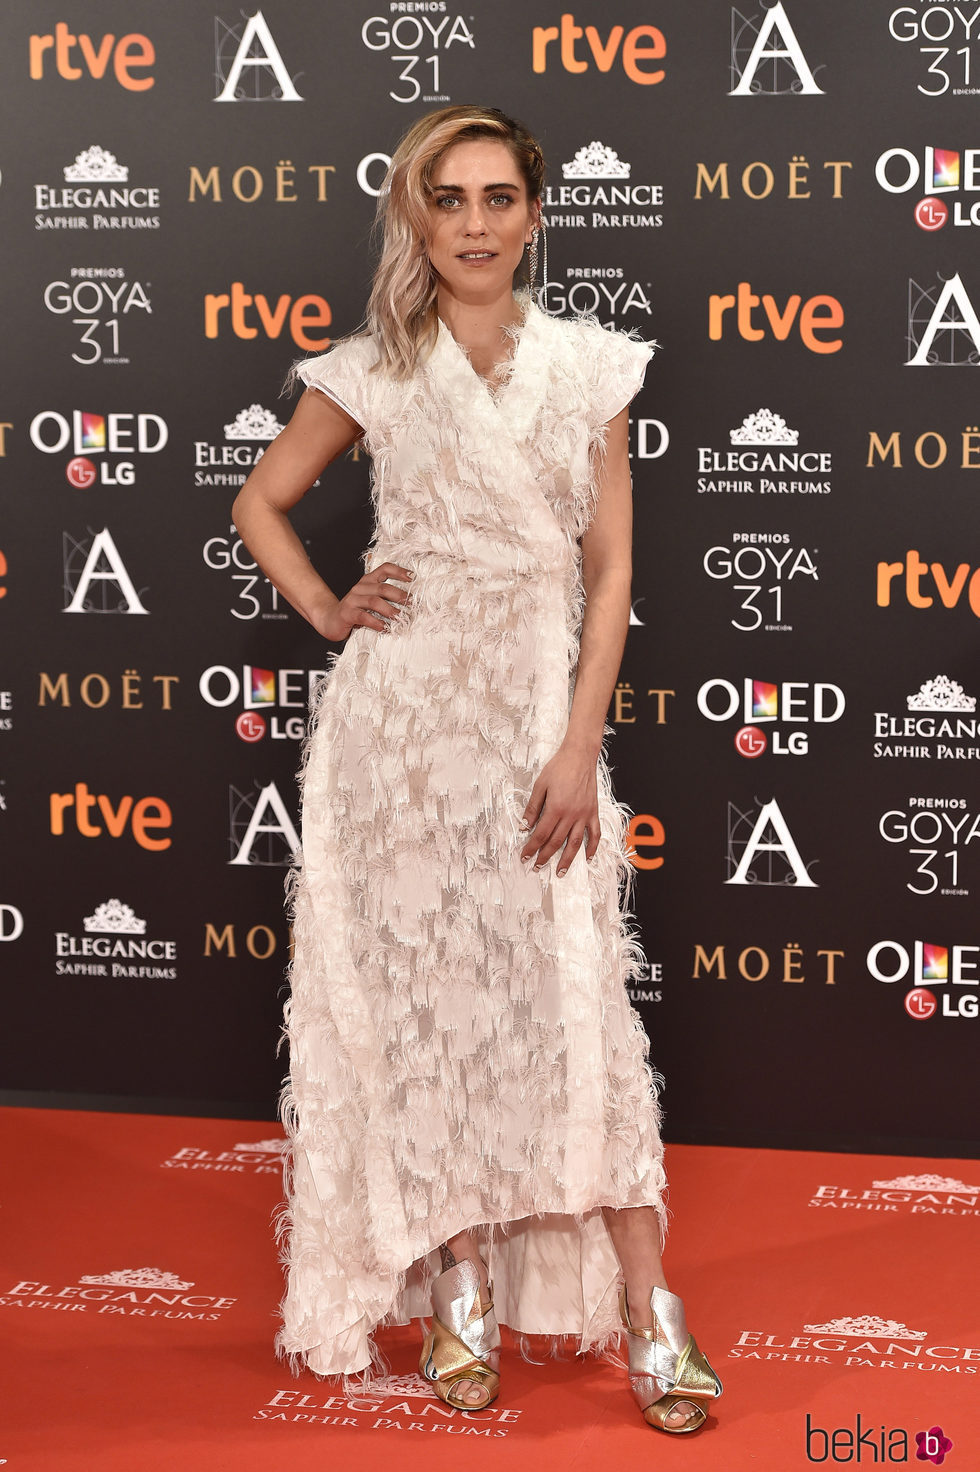 María León en la alfombra roja de los Premios Goya 2017